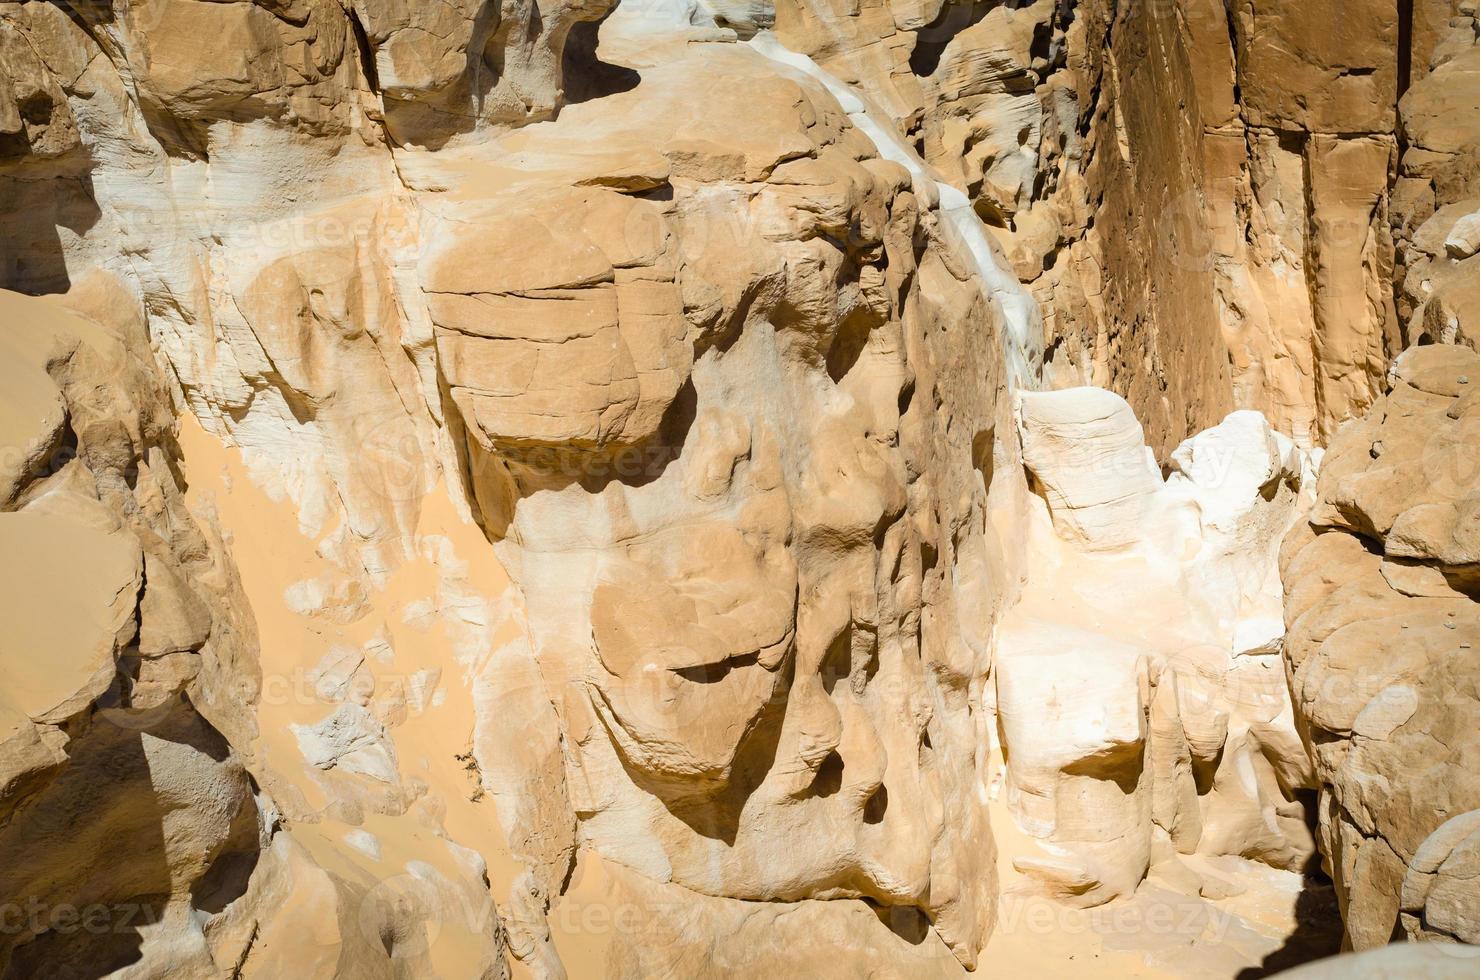 rocce di un canyon durante il giorno foto